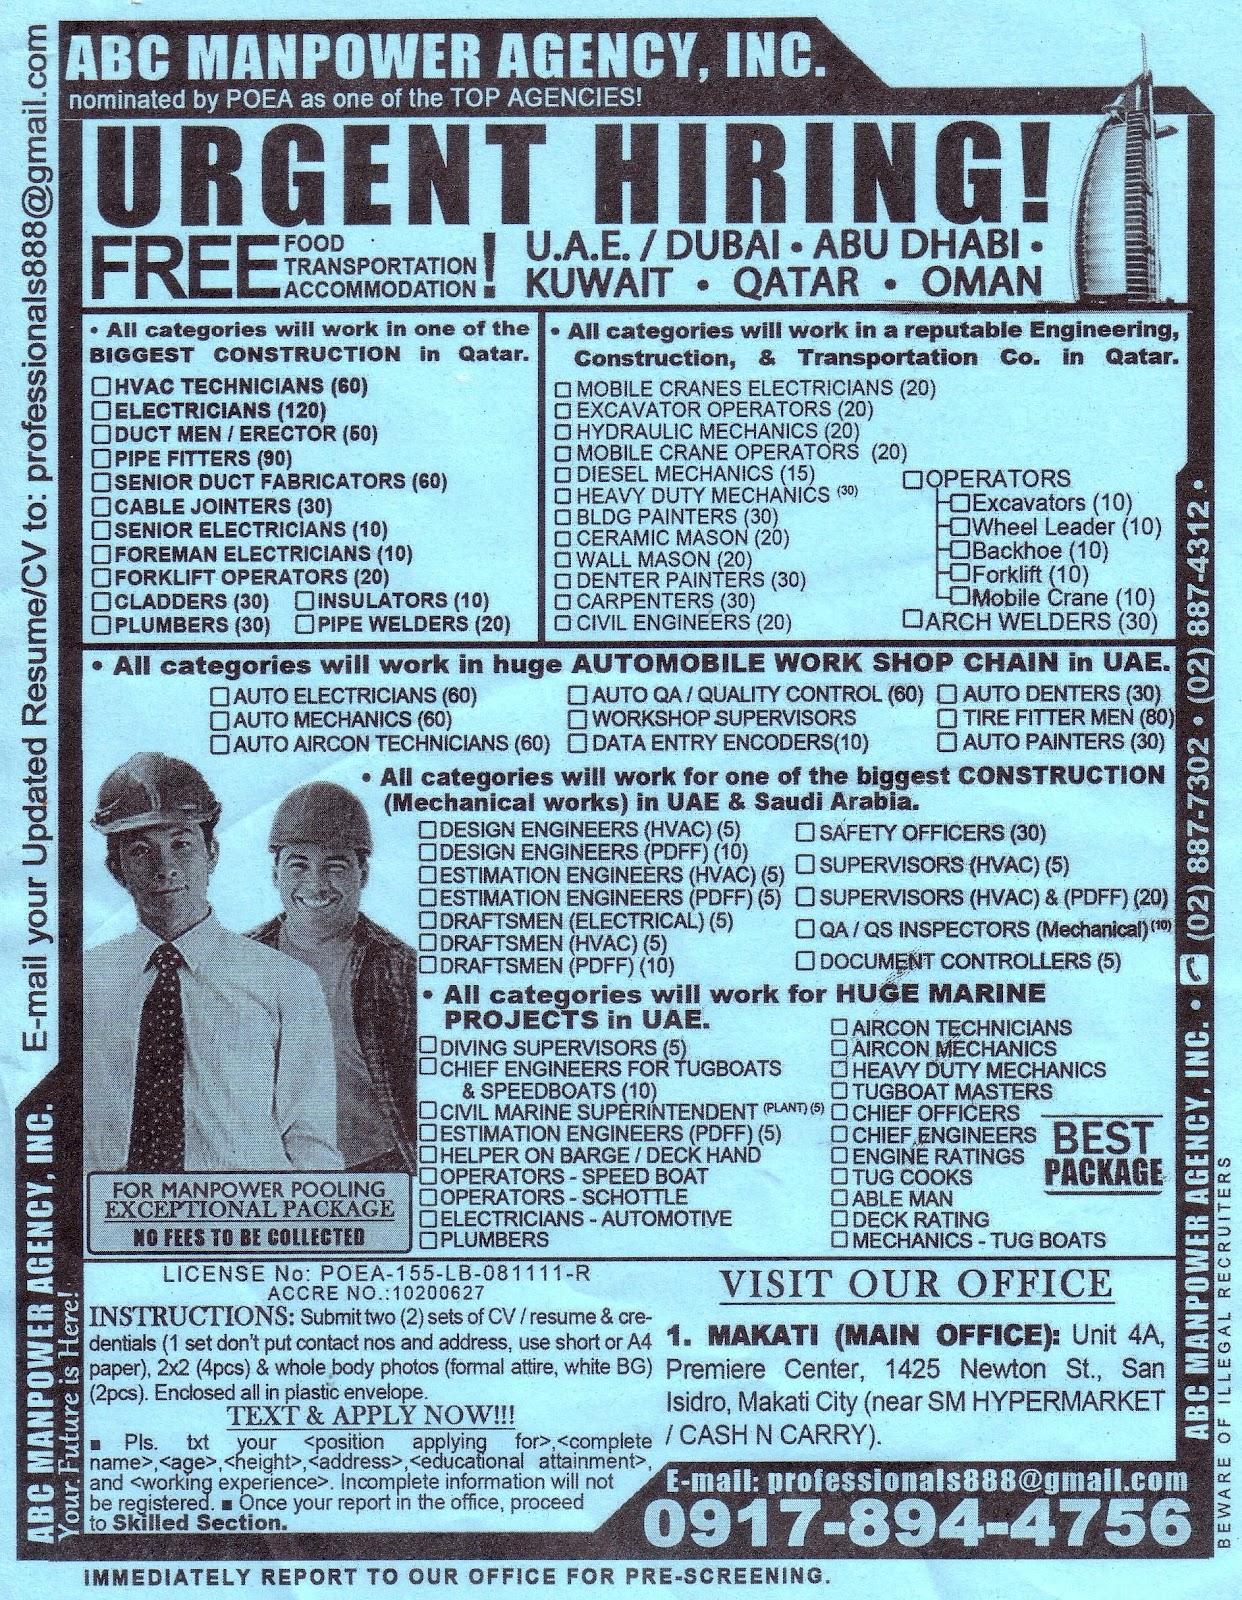 Sangguniang Bayan Ng Bauan PESO Bauan Job Hiring